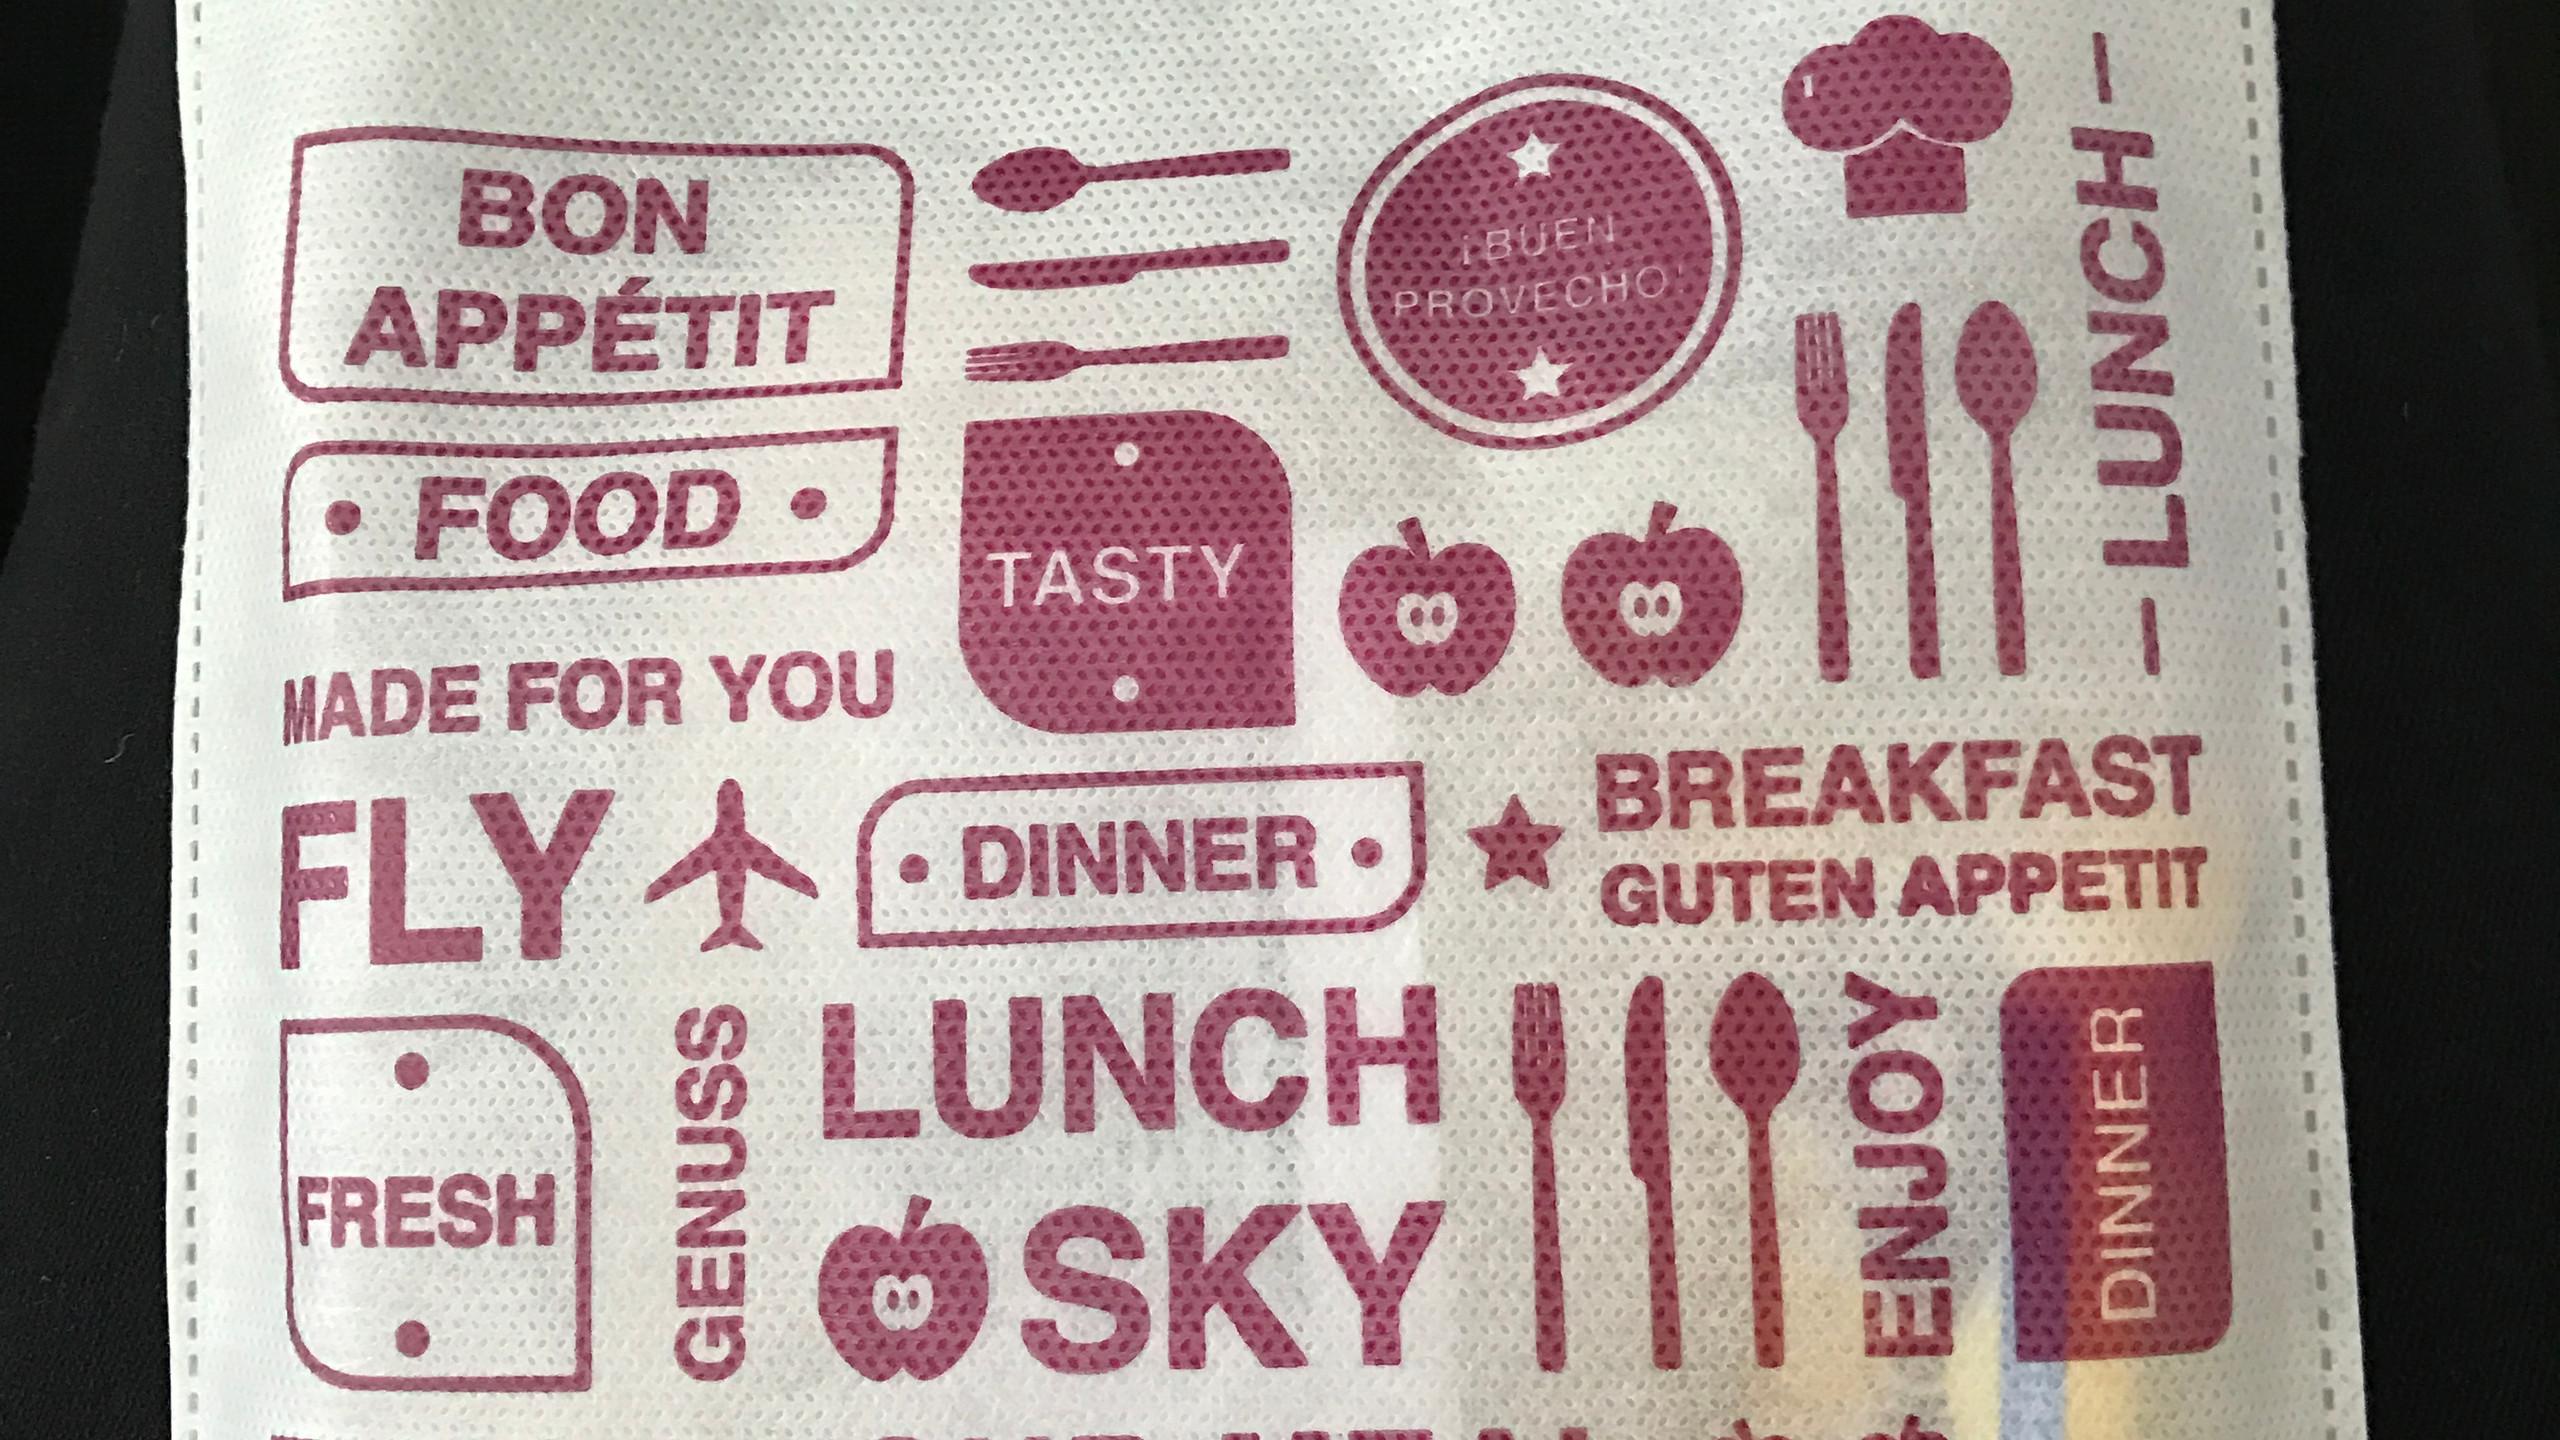 Cute snack bags!